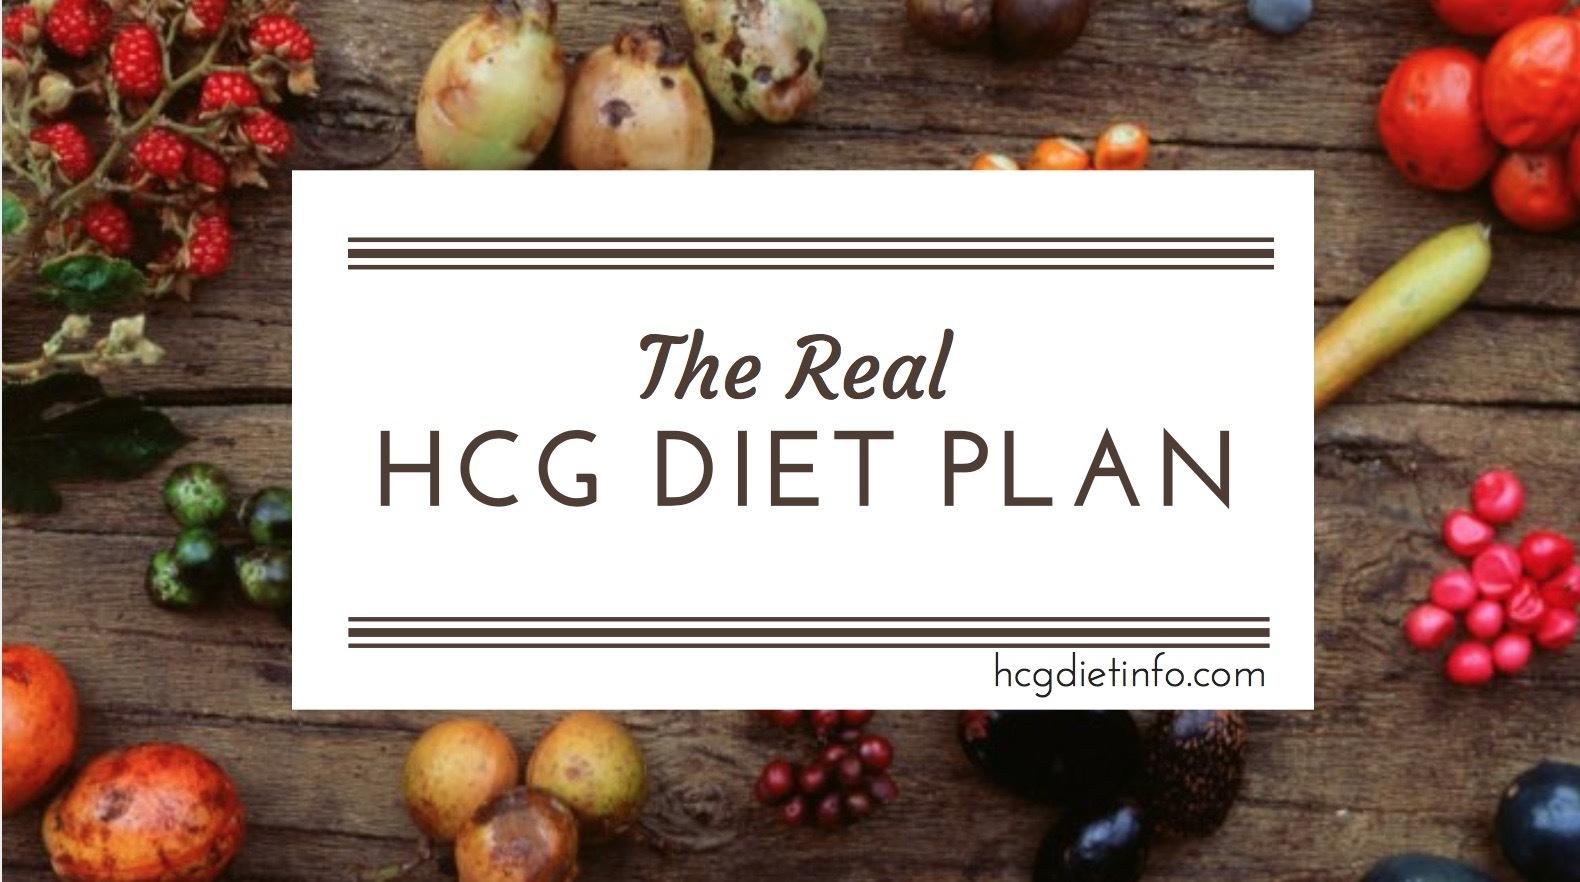 Hcg Diet Plan Guide